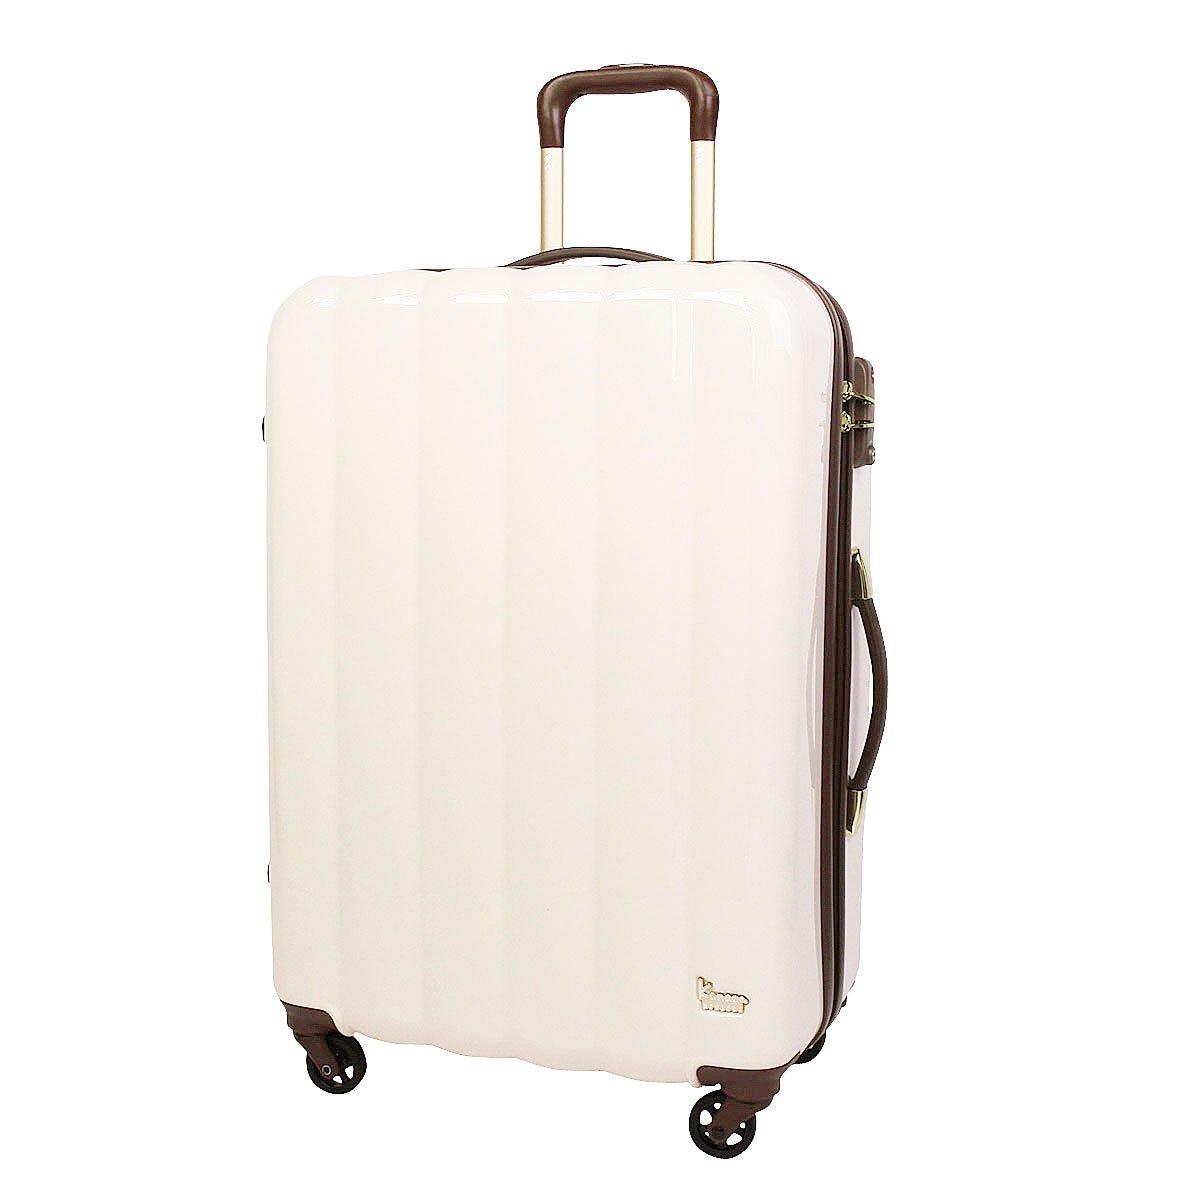 [カナナプロジェクトコレクション] スーツケース ステイ 66L 60cm 4.2kg 05616 B01C2H73CQ オフホワイト(06) オフホワイト(06)